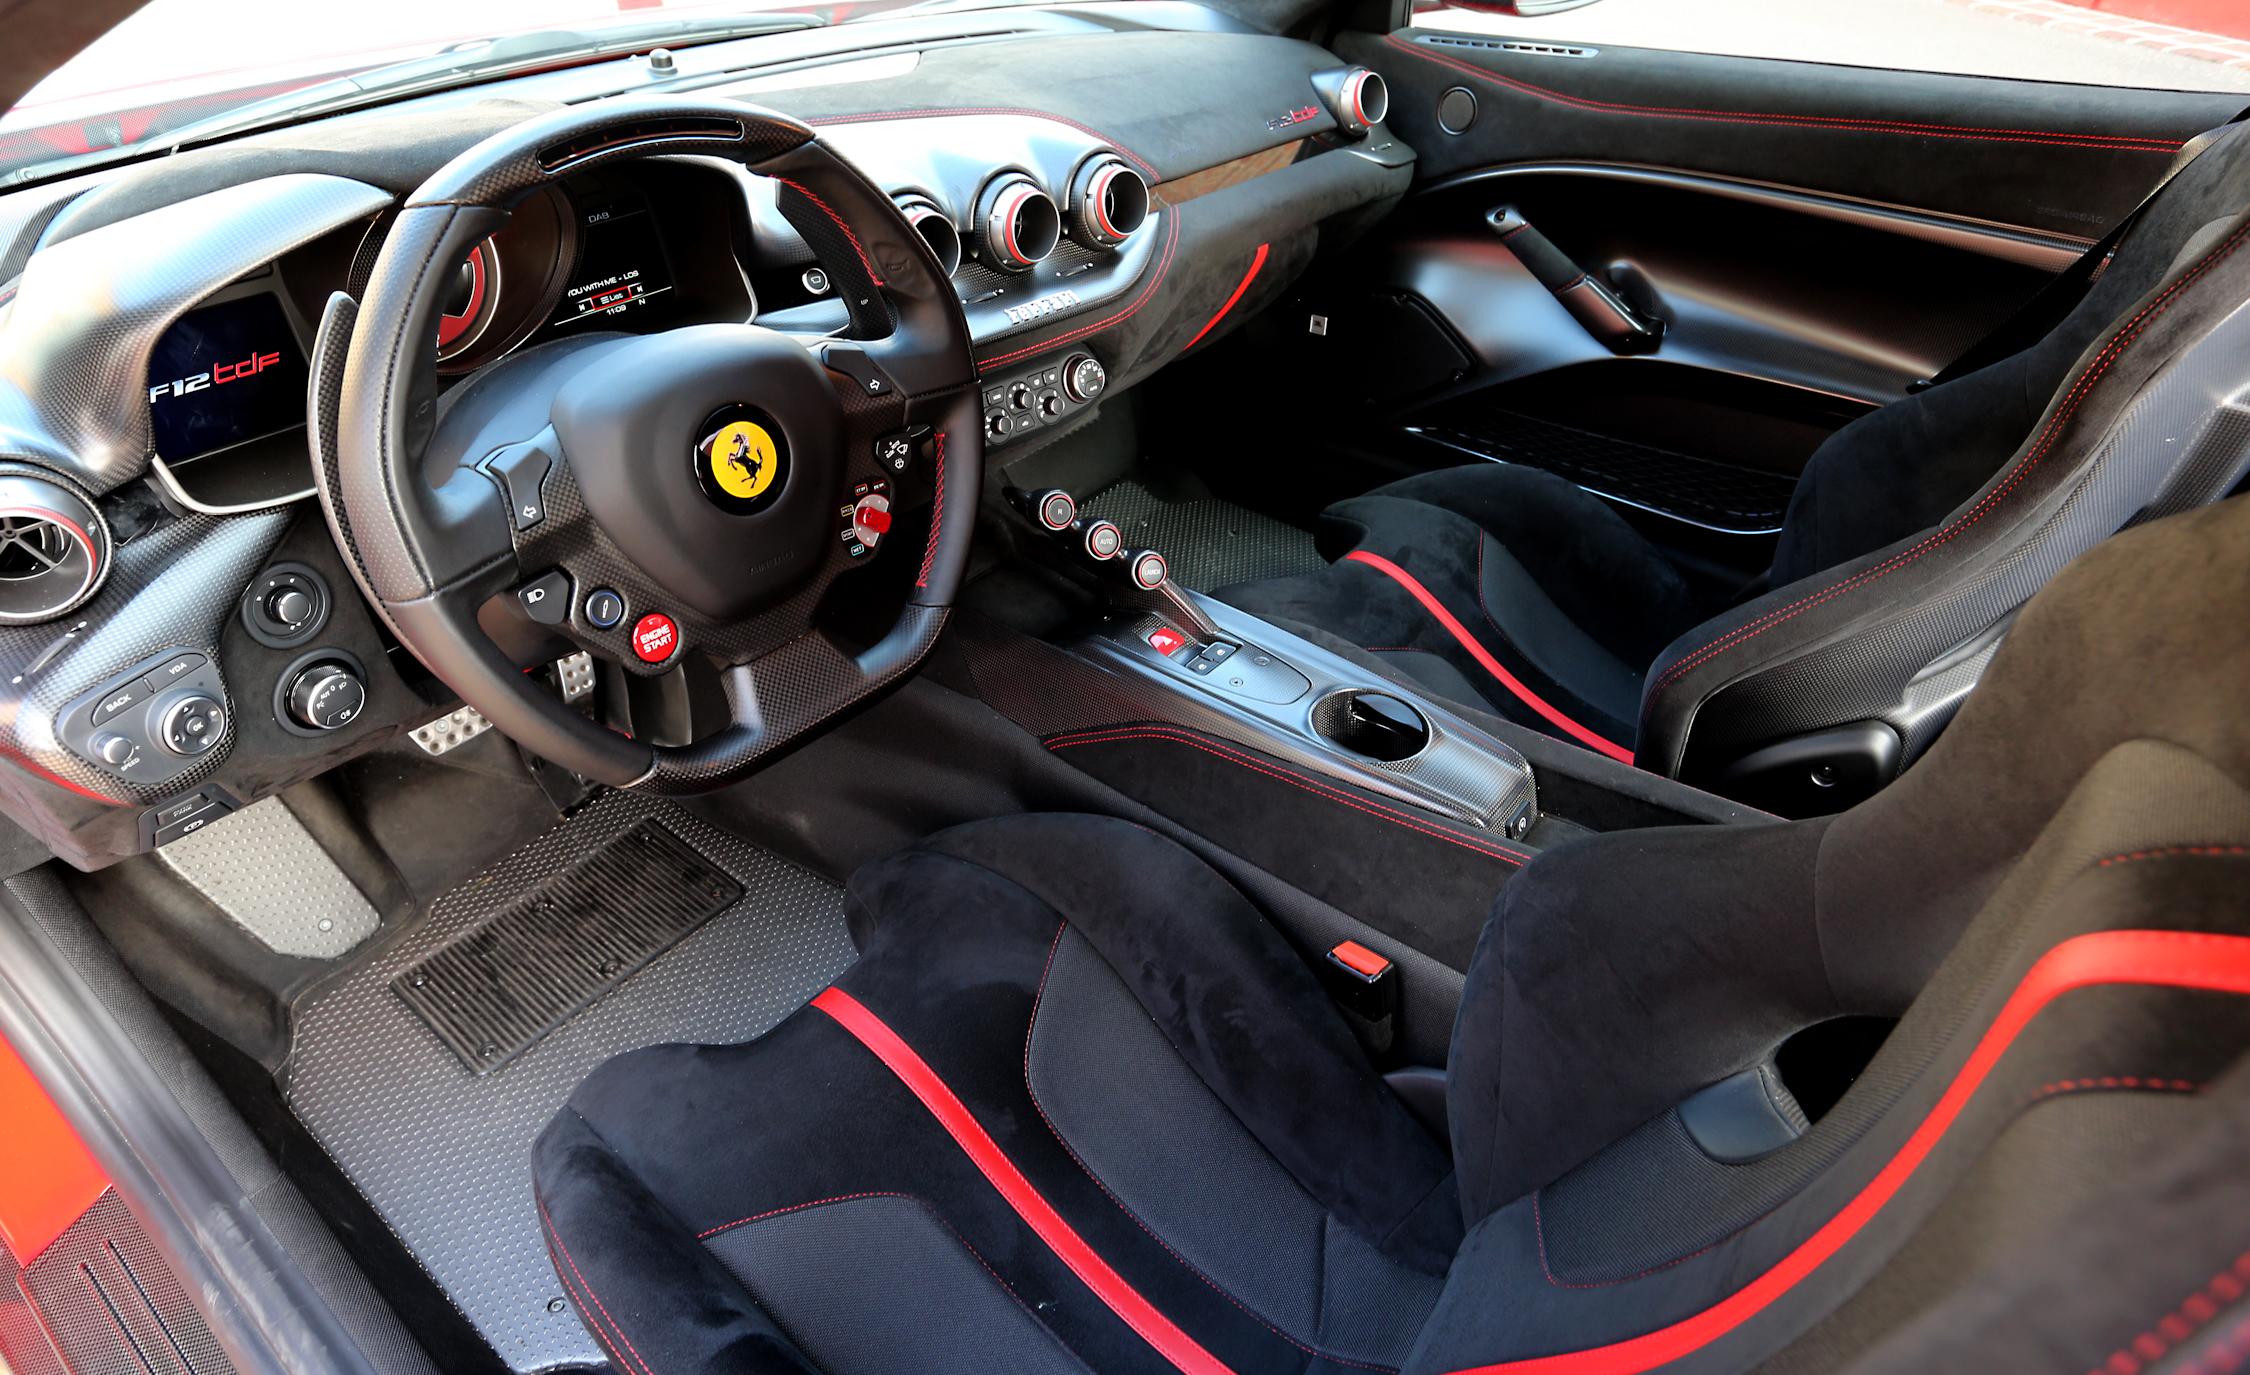 2016 Ferrari F12tdf Cockpit Interior